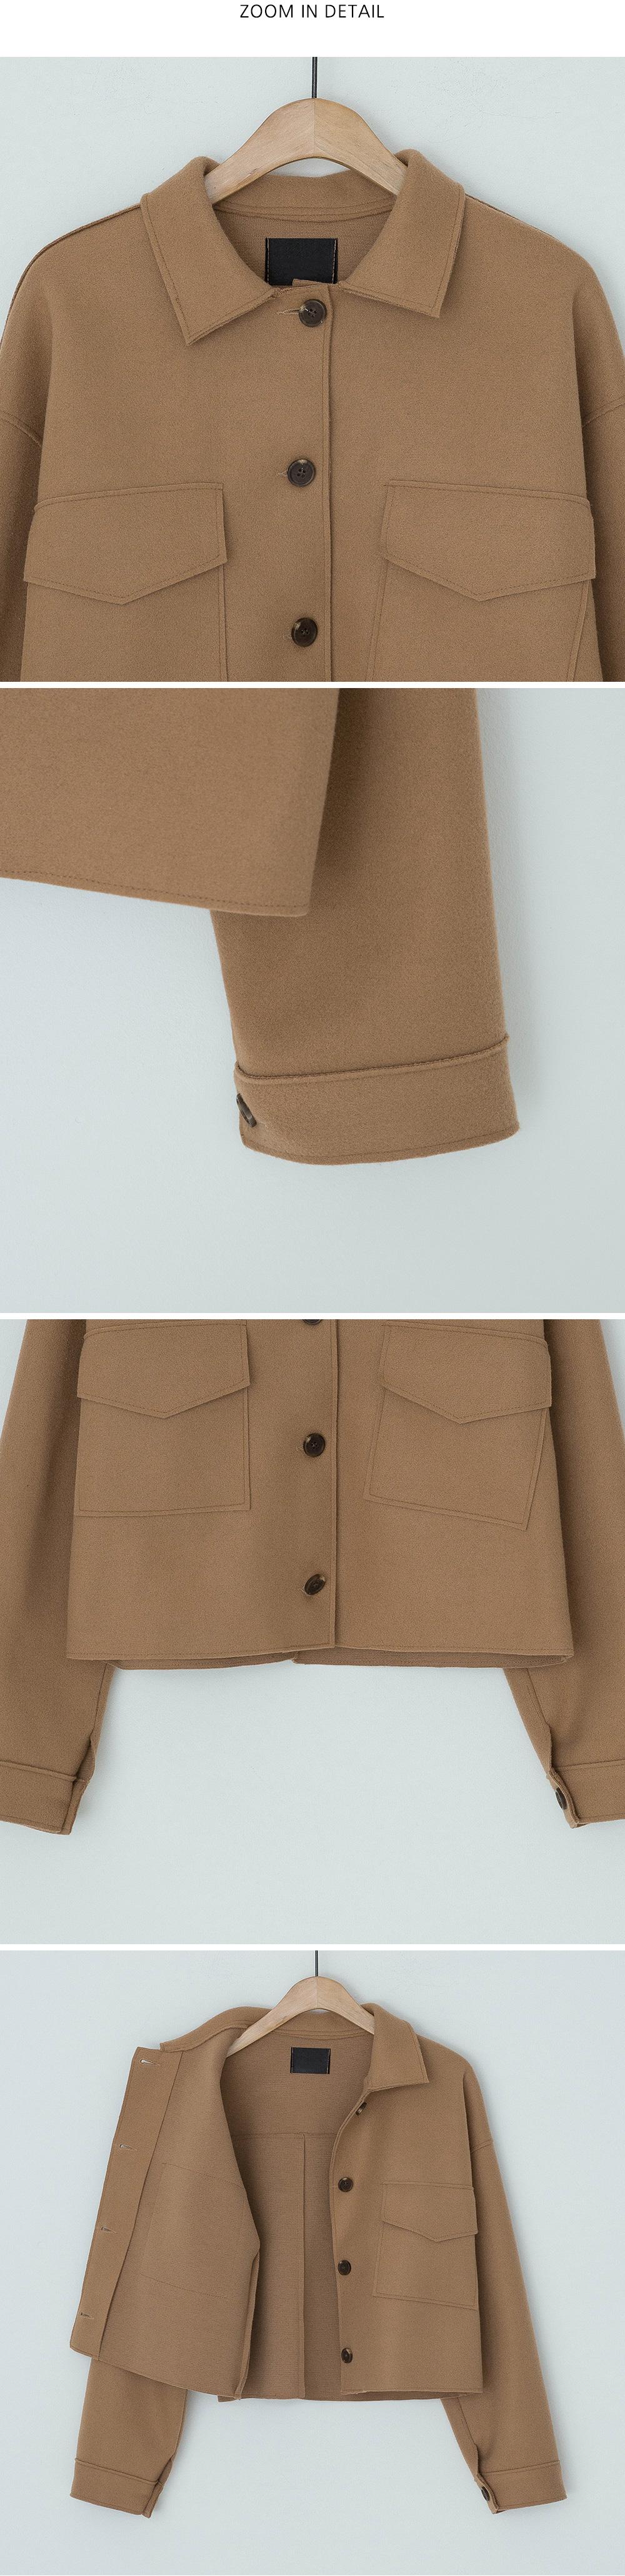 Creamy Big Pocket Crop Jacket